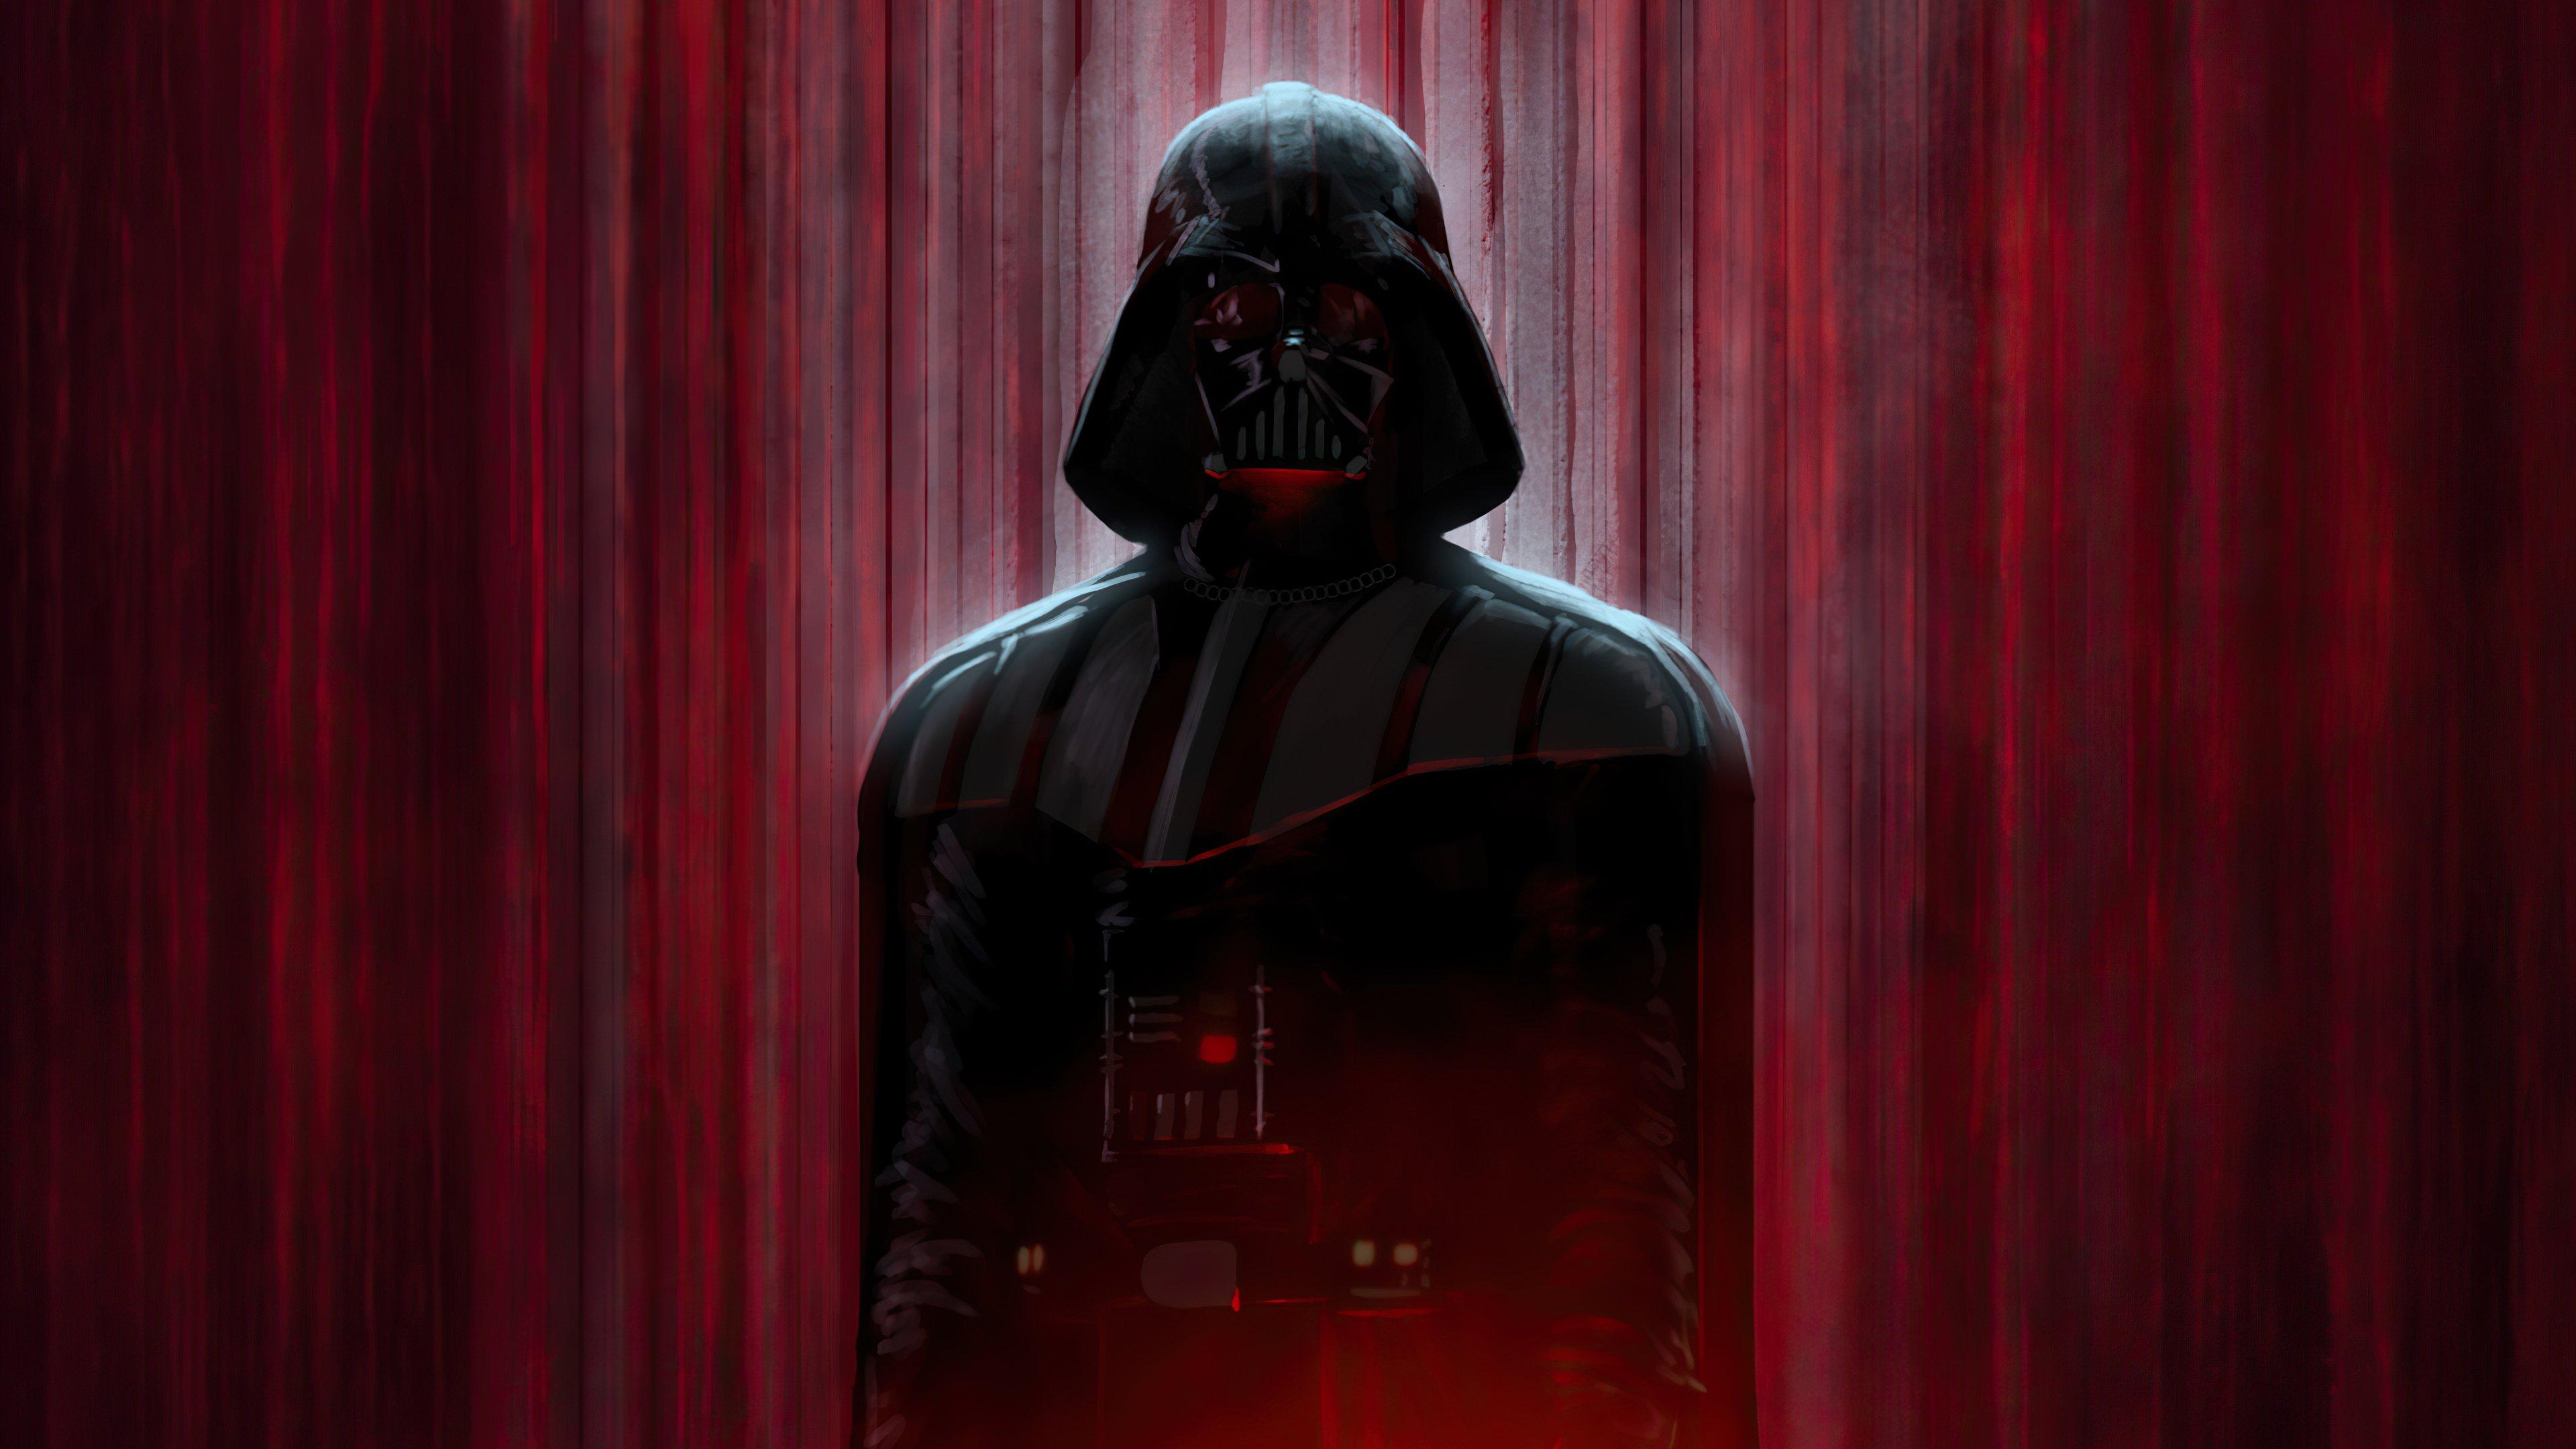 Fondos de pantalla Darth Vader en sombras